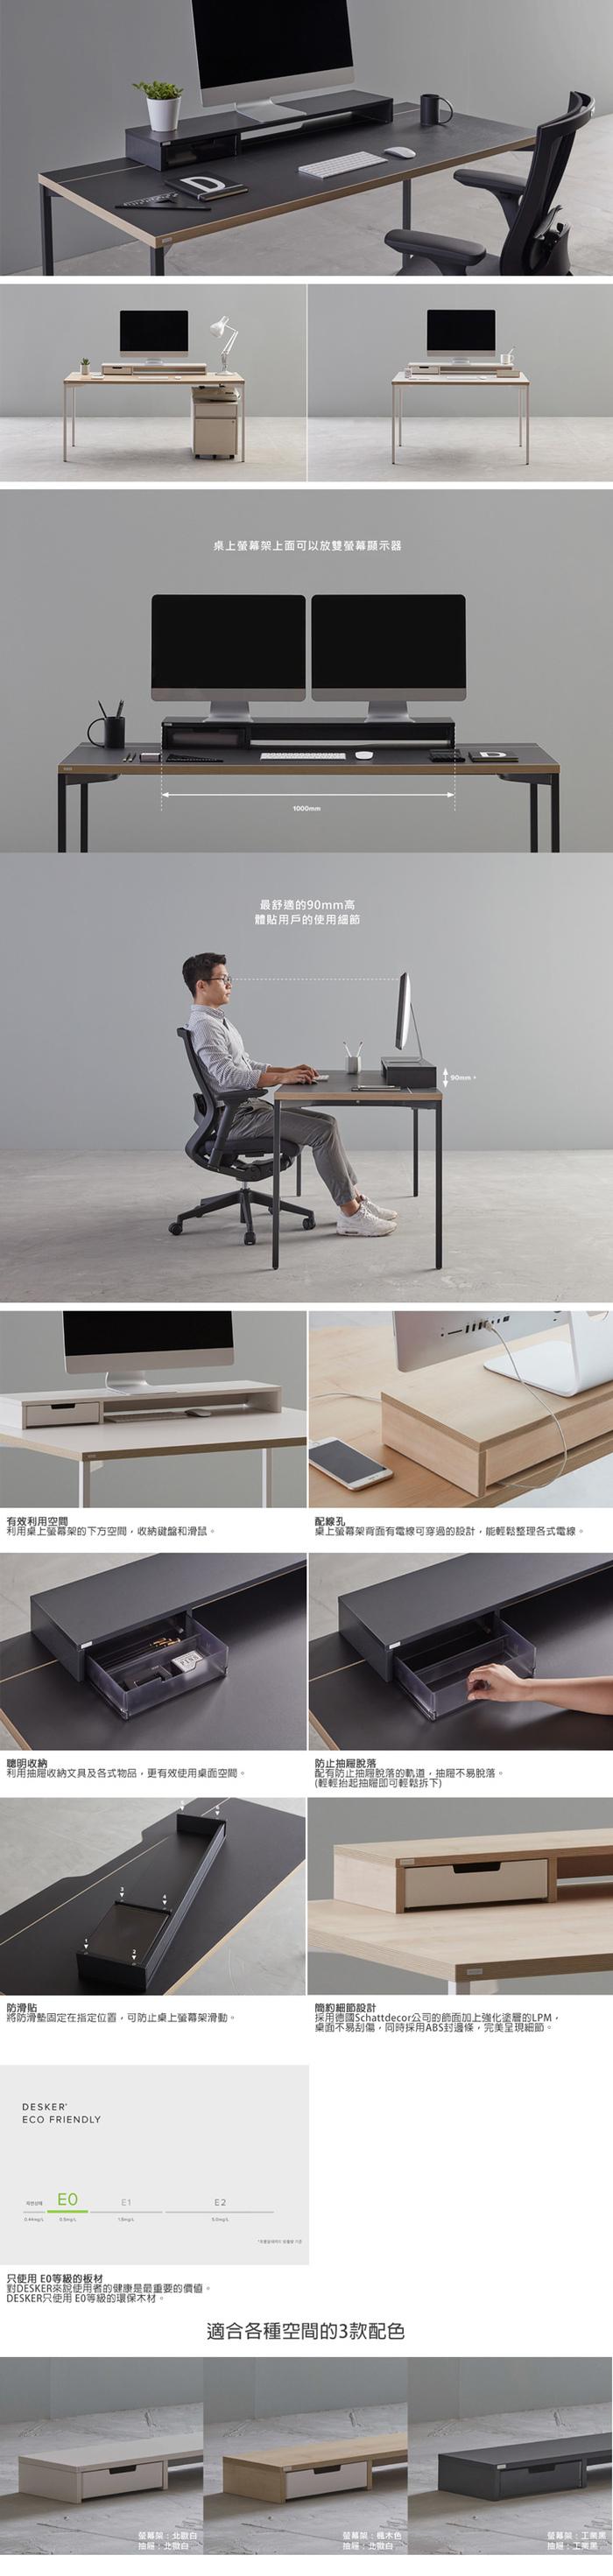 (複製)iloom 怡倫家居|Desker 1400型多用途電腦桌|夢想起步組|多色可選